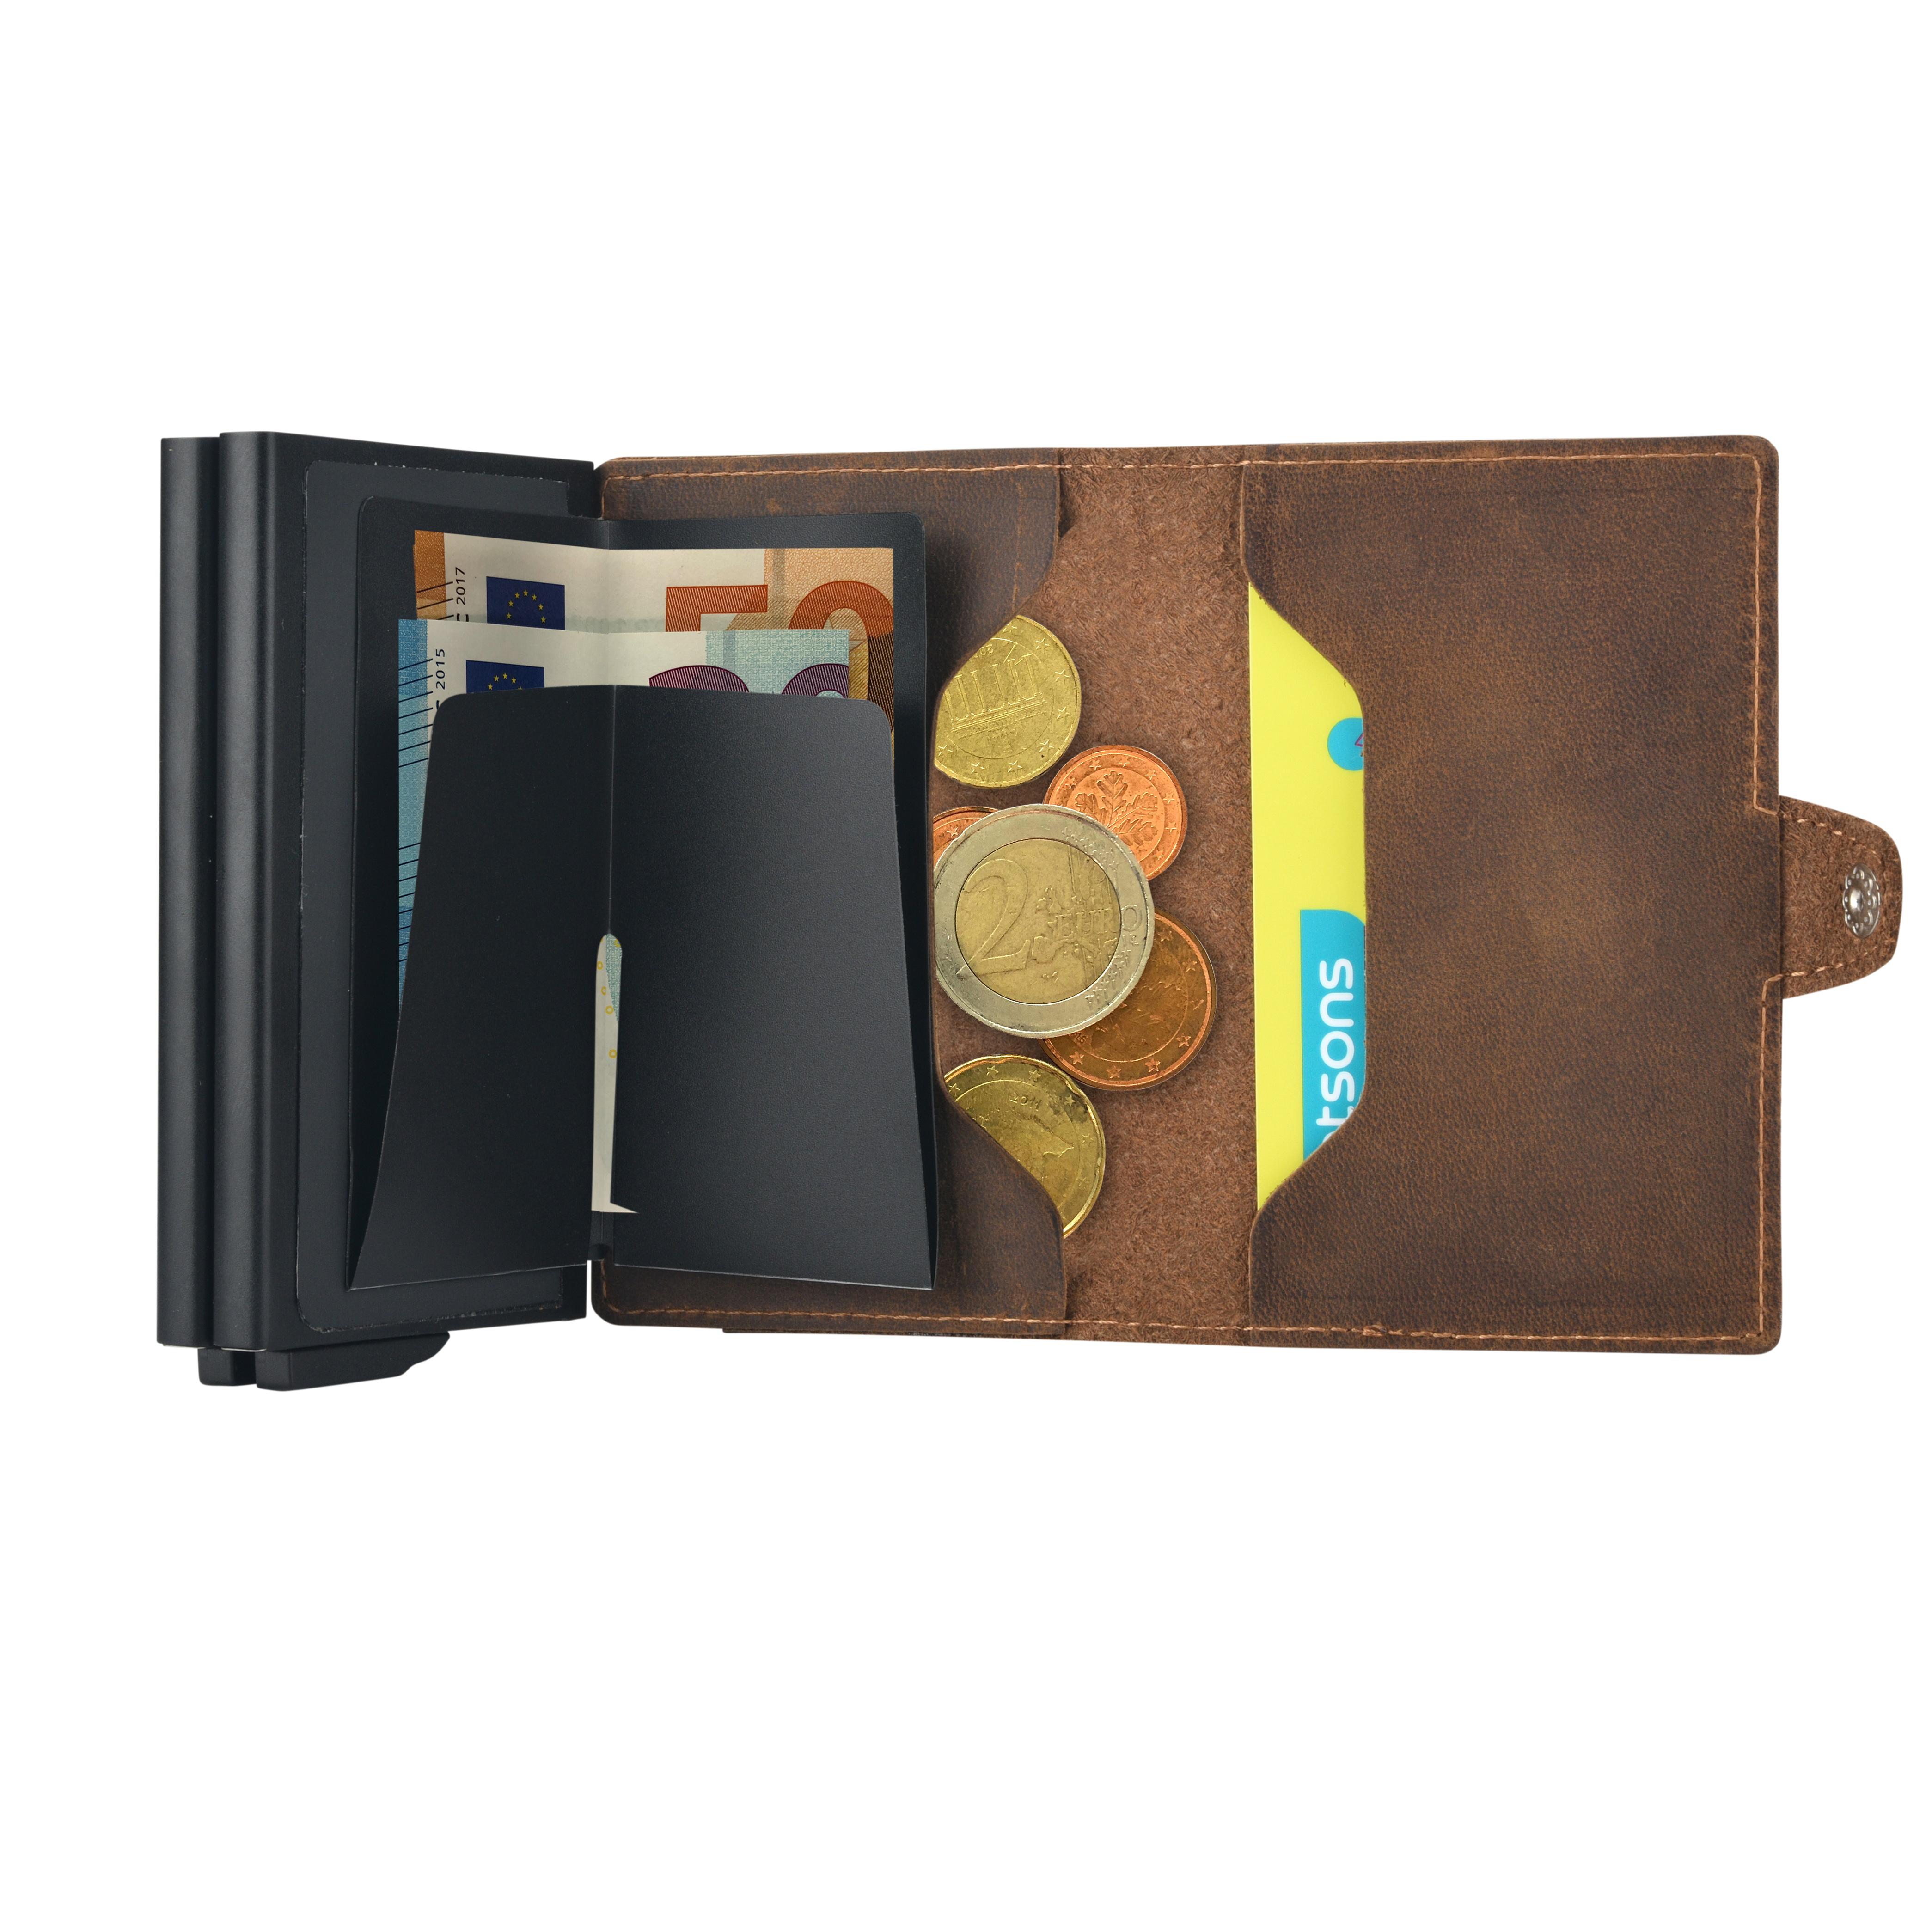 6775ee192e24b ... Vorschau  PREMIUM duo Herren Portemonnaie vintage braun Leder  Kartenhalter schwarz RFID ...